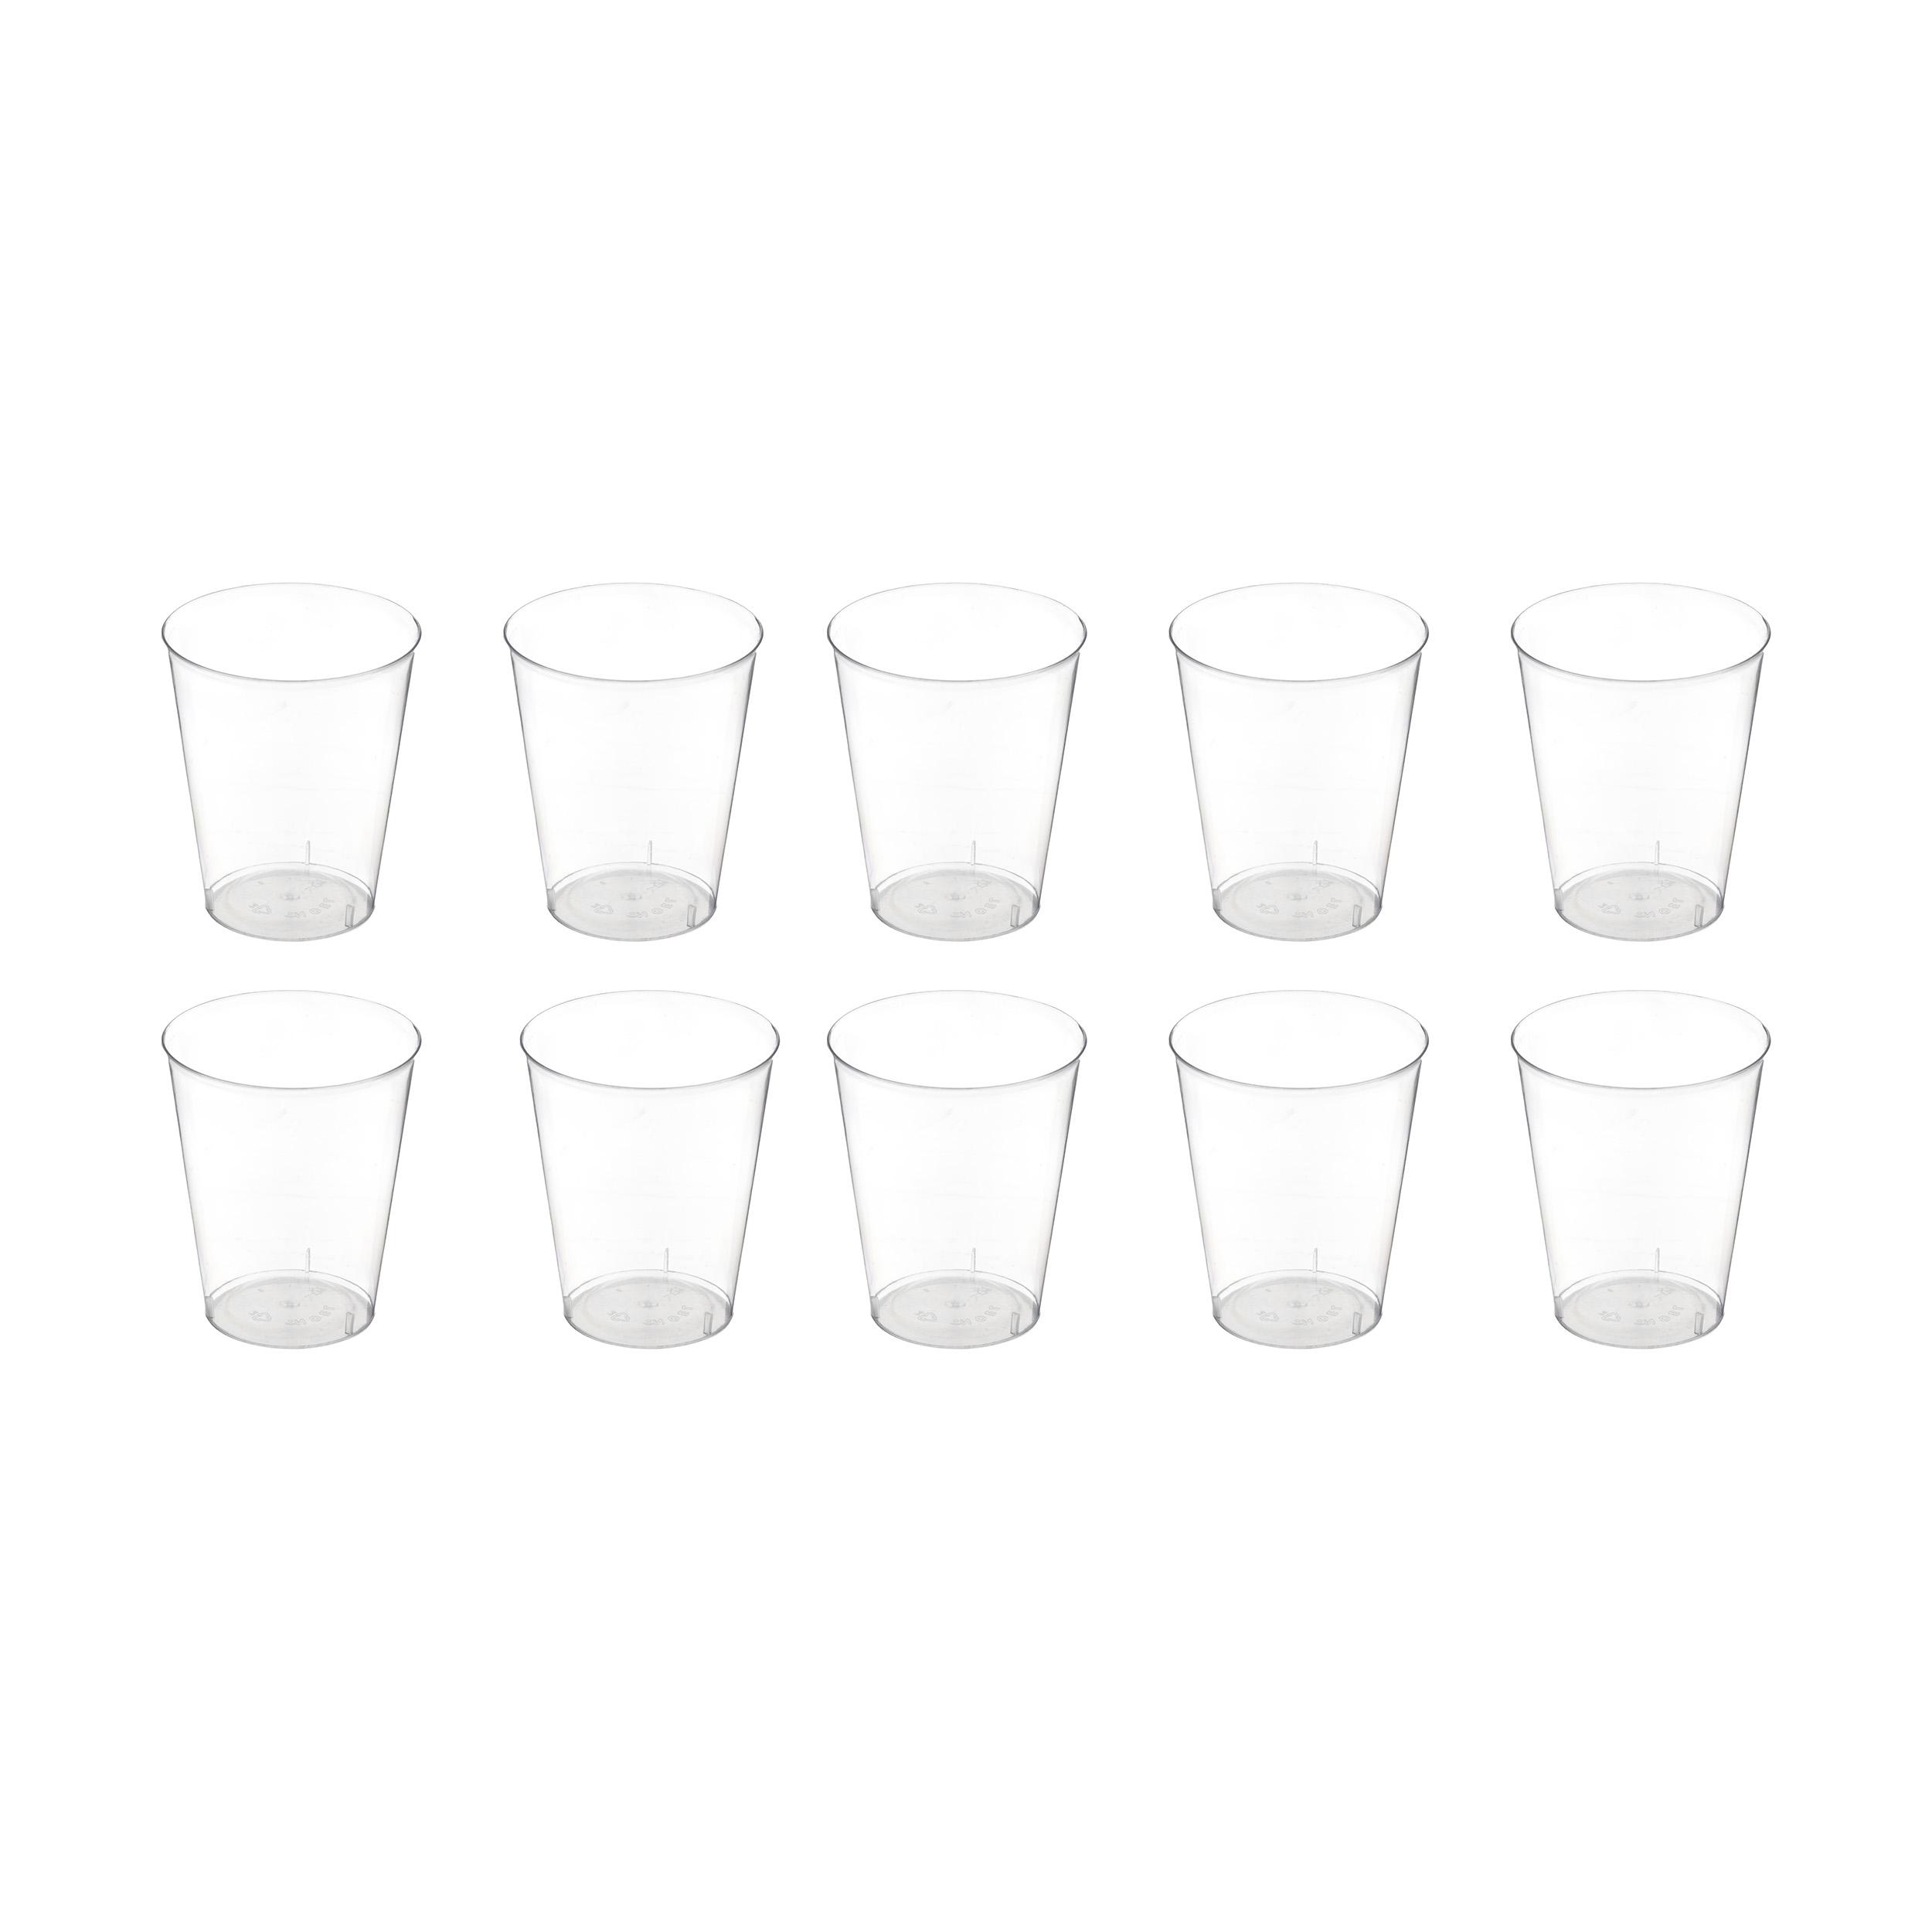 لیوان یکبار مصرف کد TLO01 بسته 10 عددی